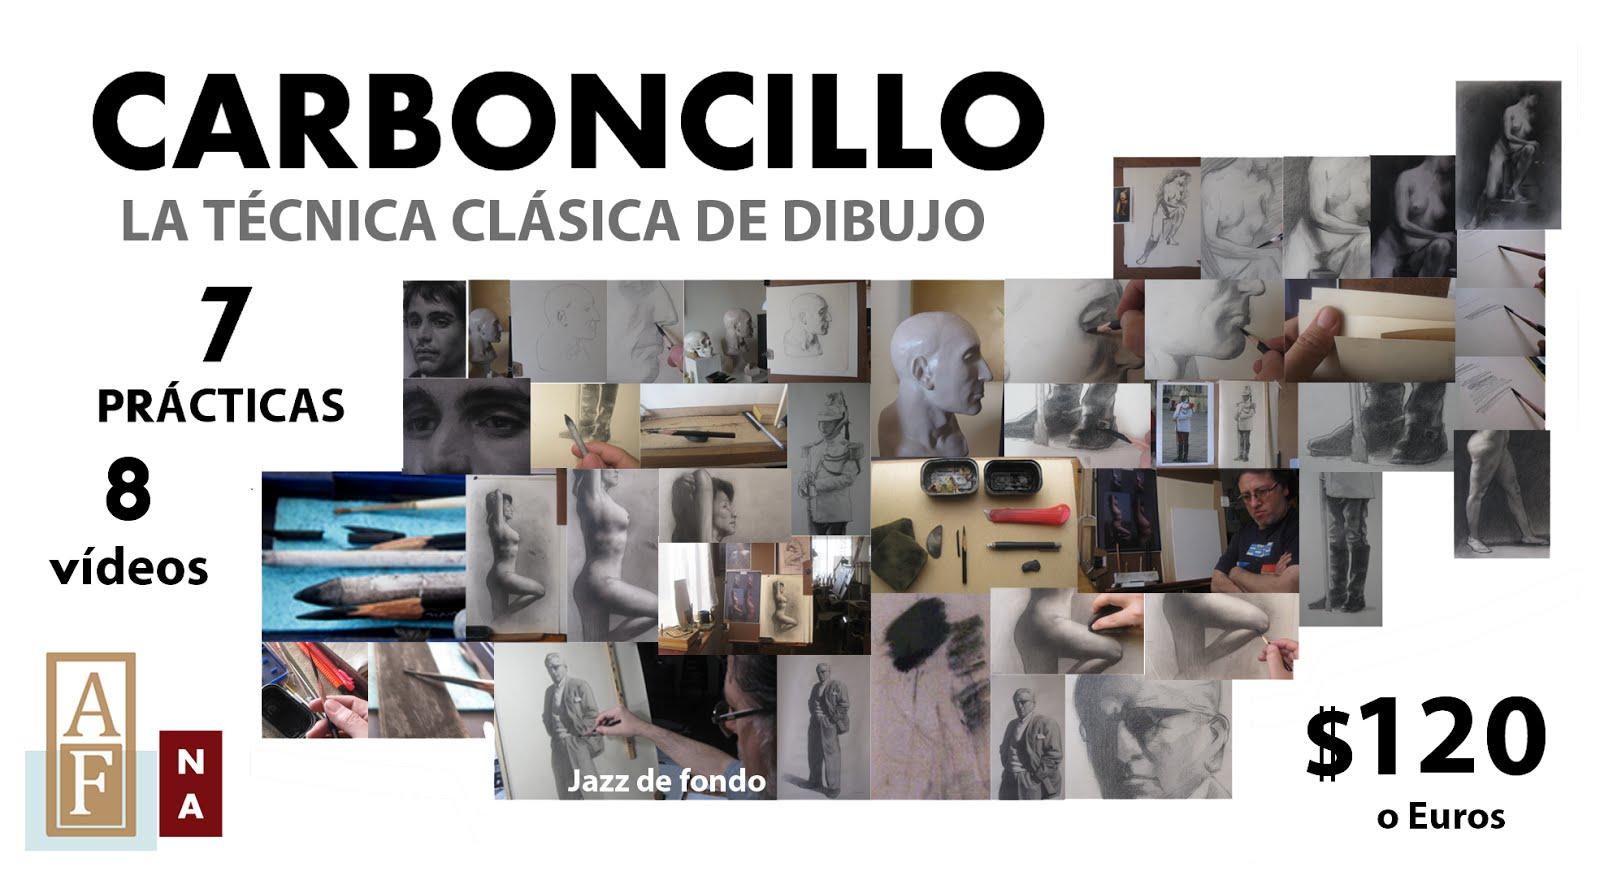 CARBONCILLO LA TÉCNICA CLÁSICA